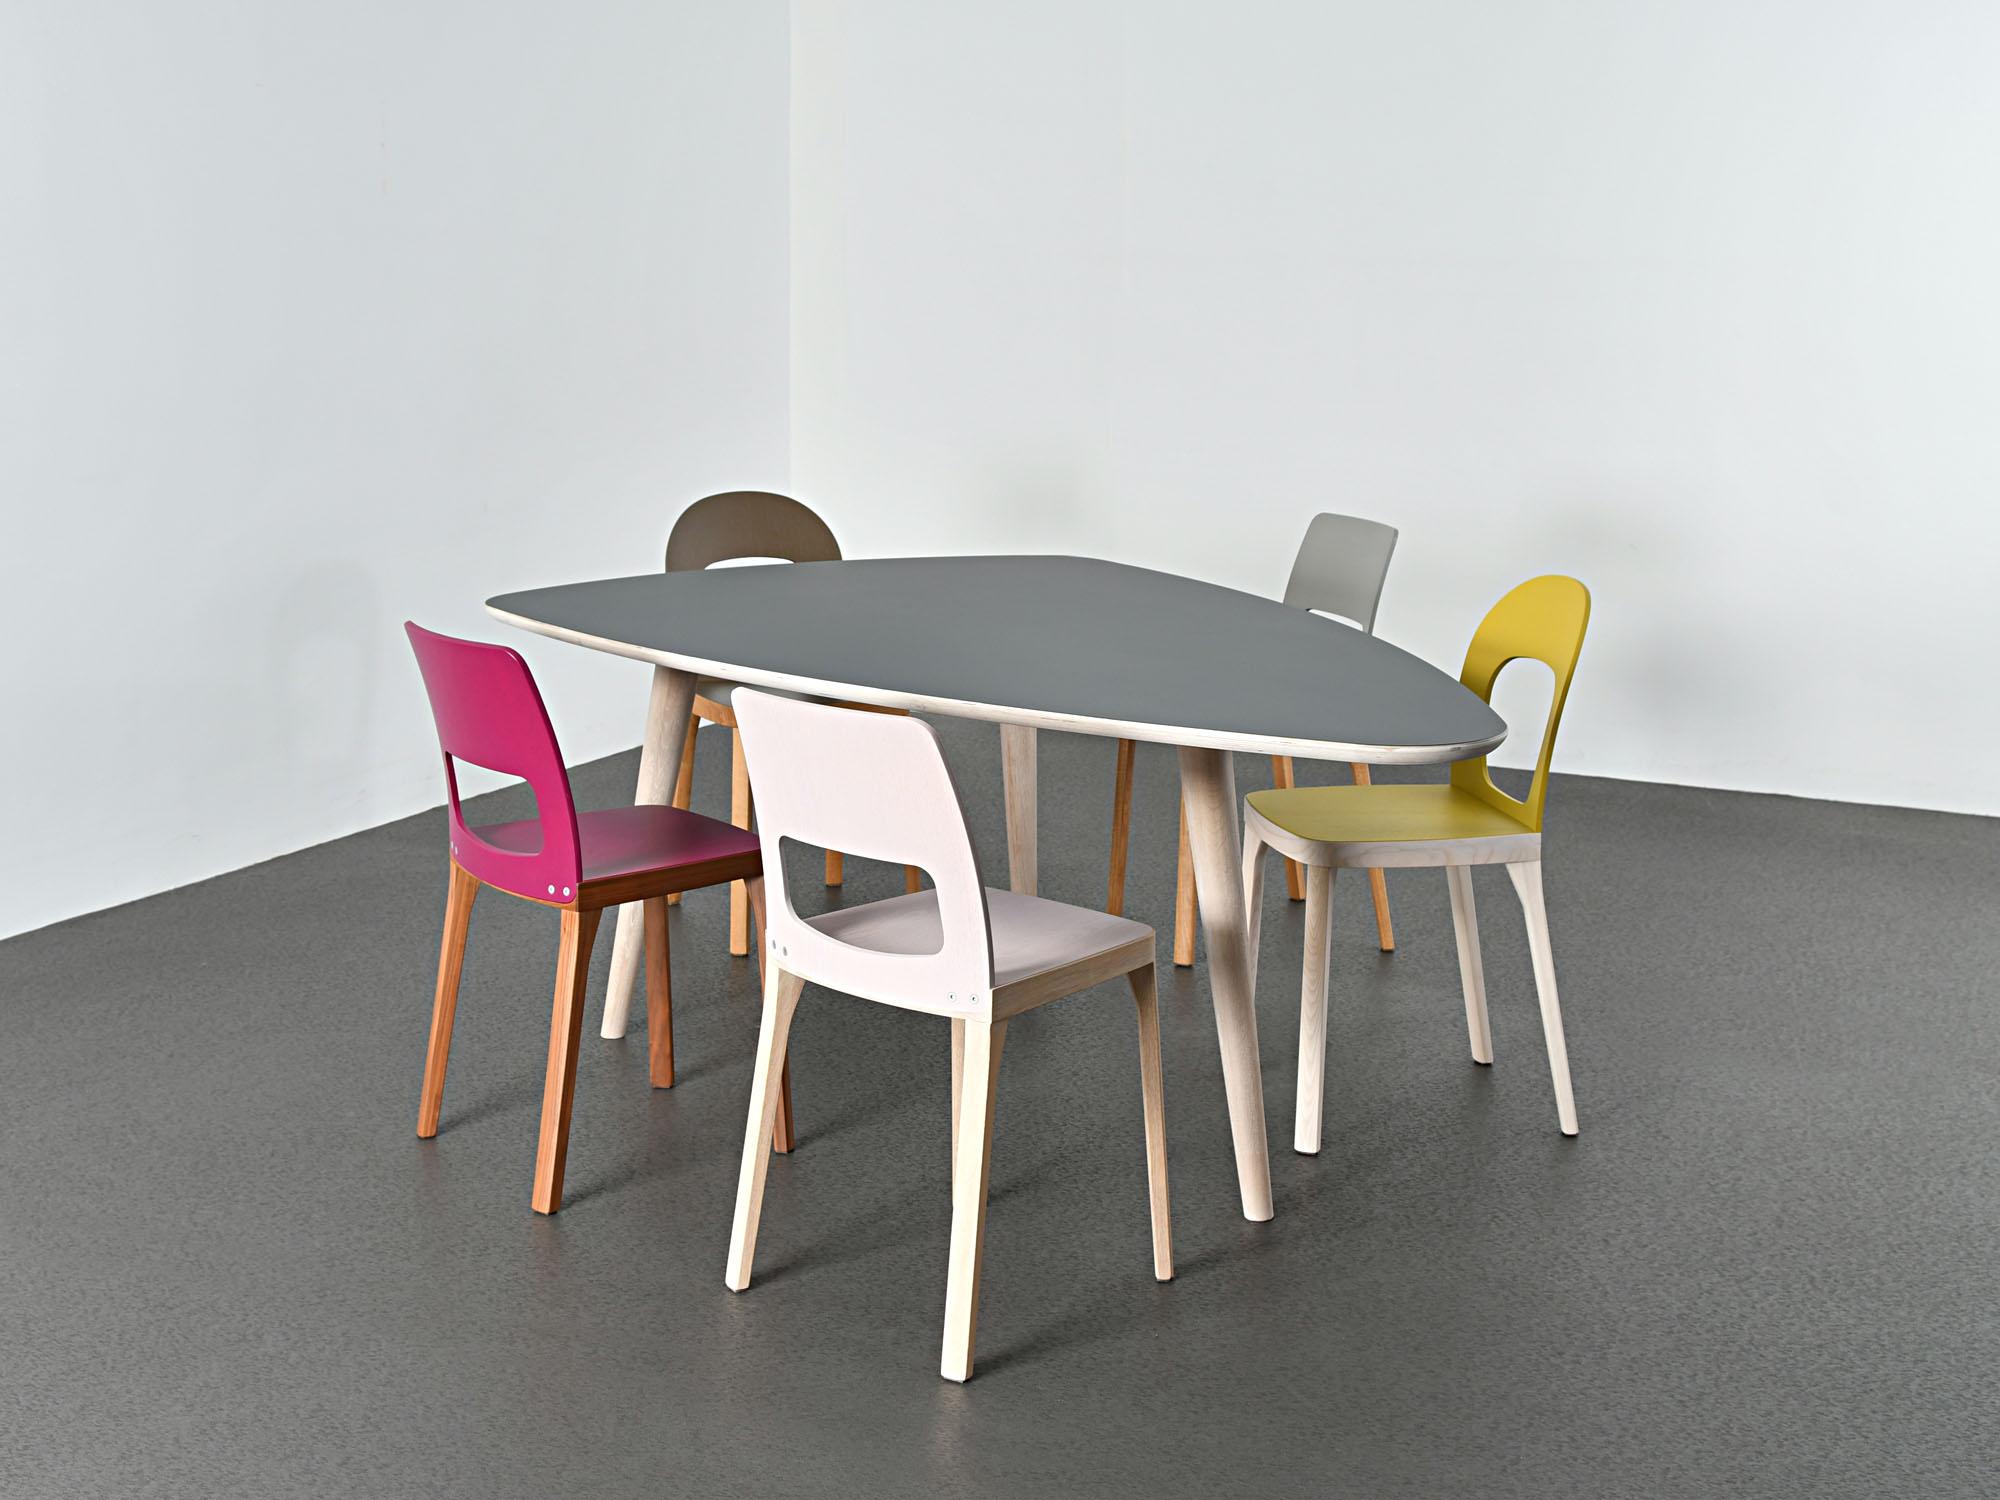 RP, ontwerp door Coen Castelijn